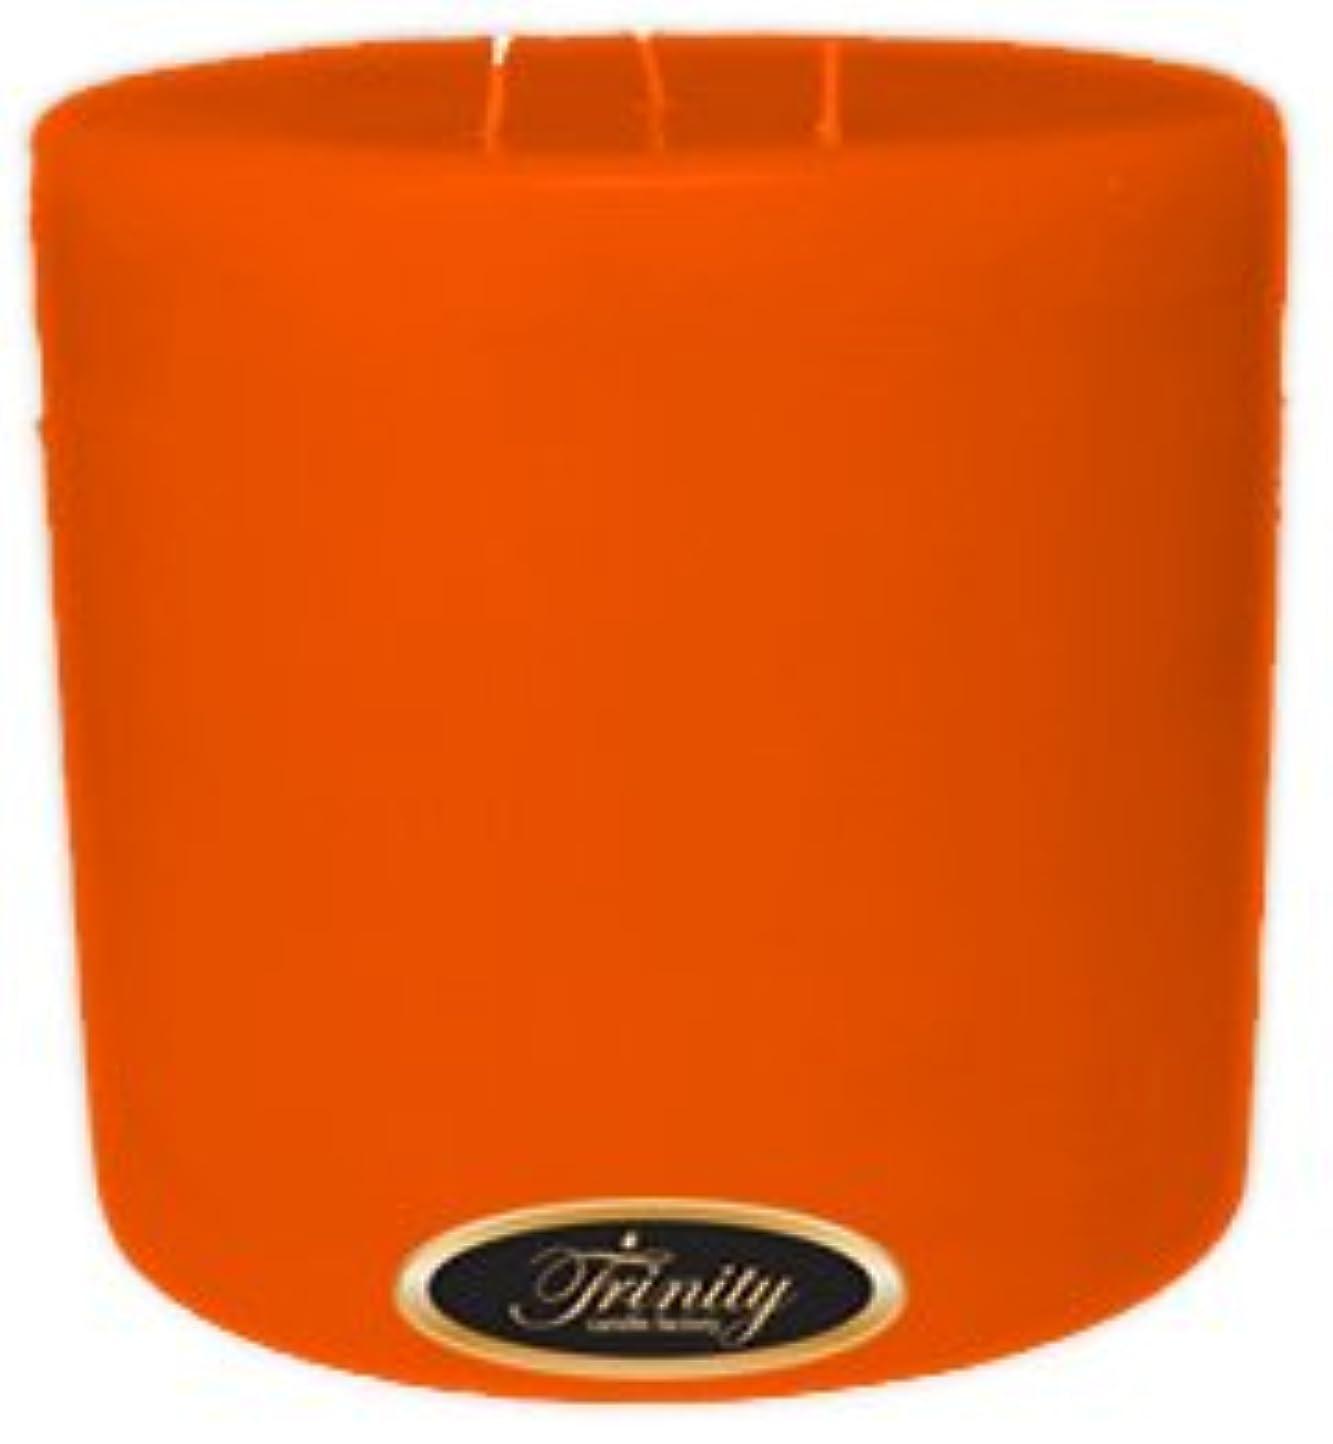 民族主義エスカレート穿孔するTrinity Candle工場 – フロリダオレンジ – Pillar Candle – 6 x 6